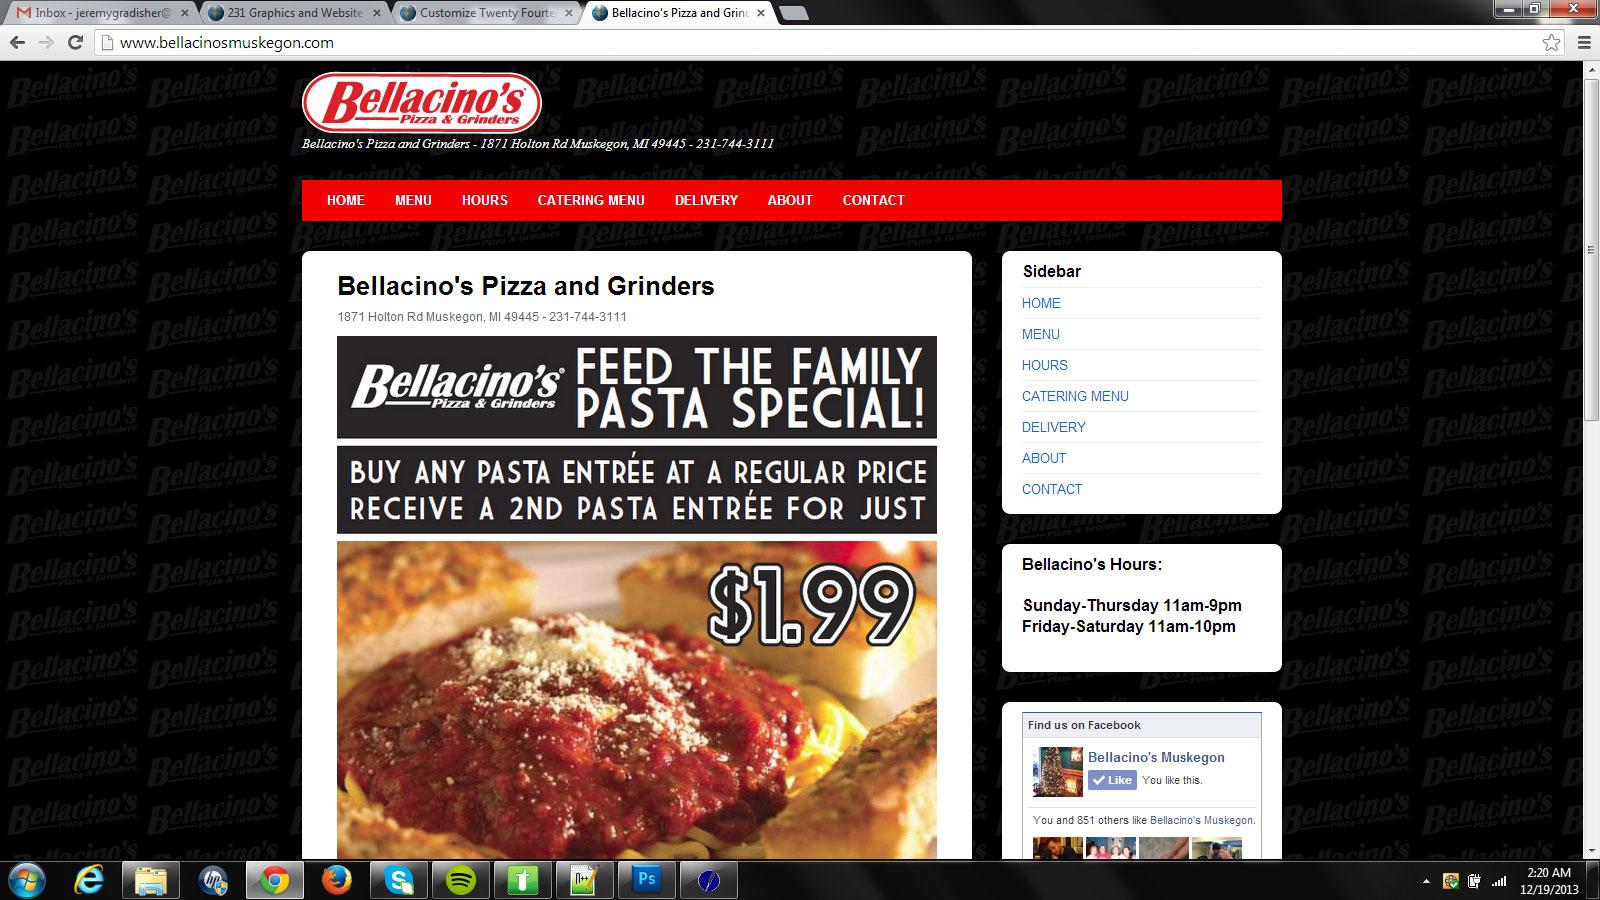 Bellacino's Website